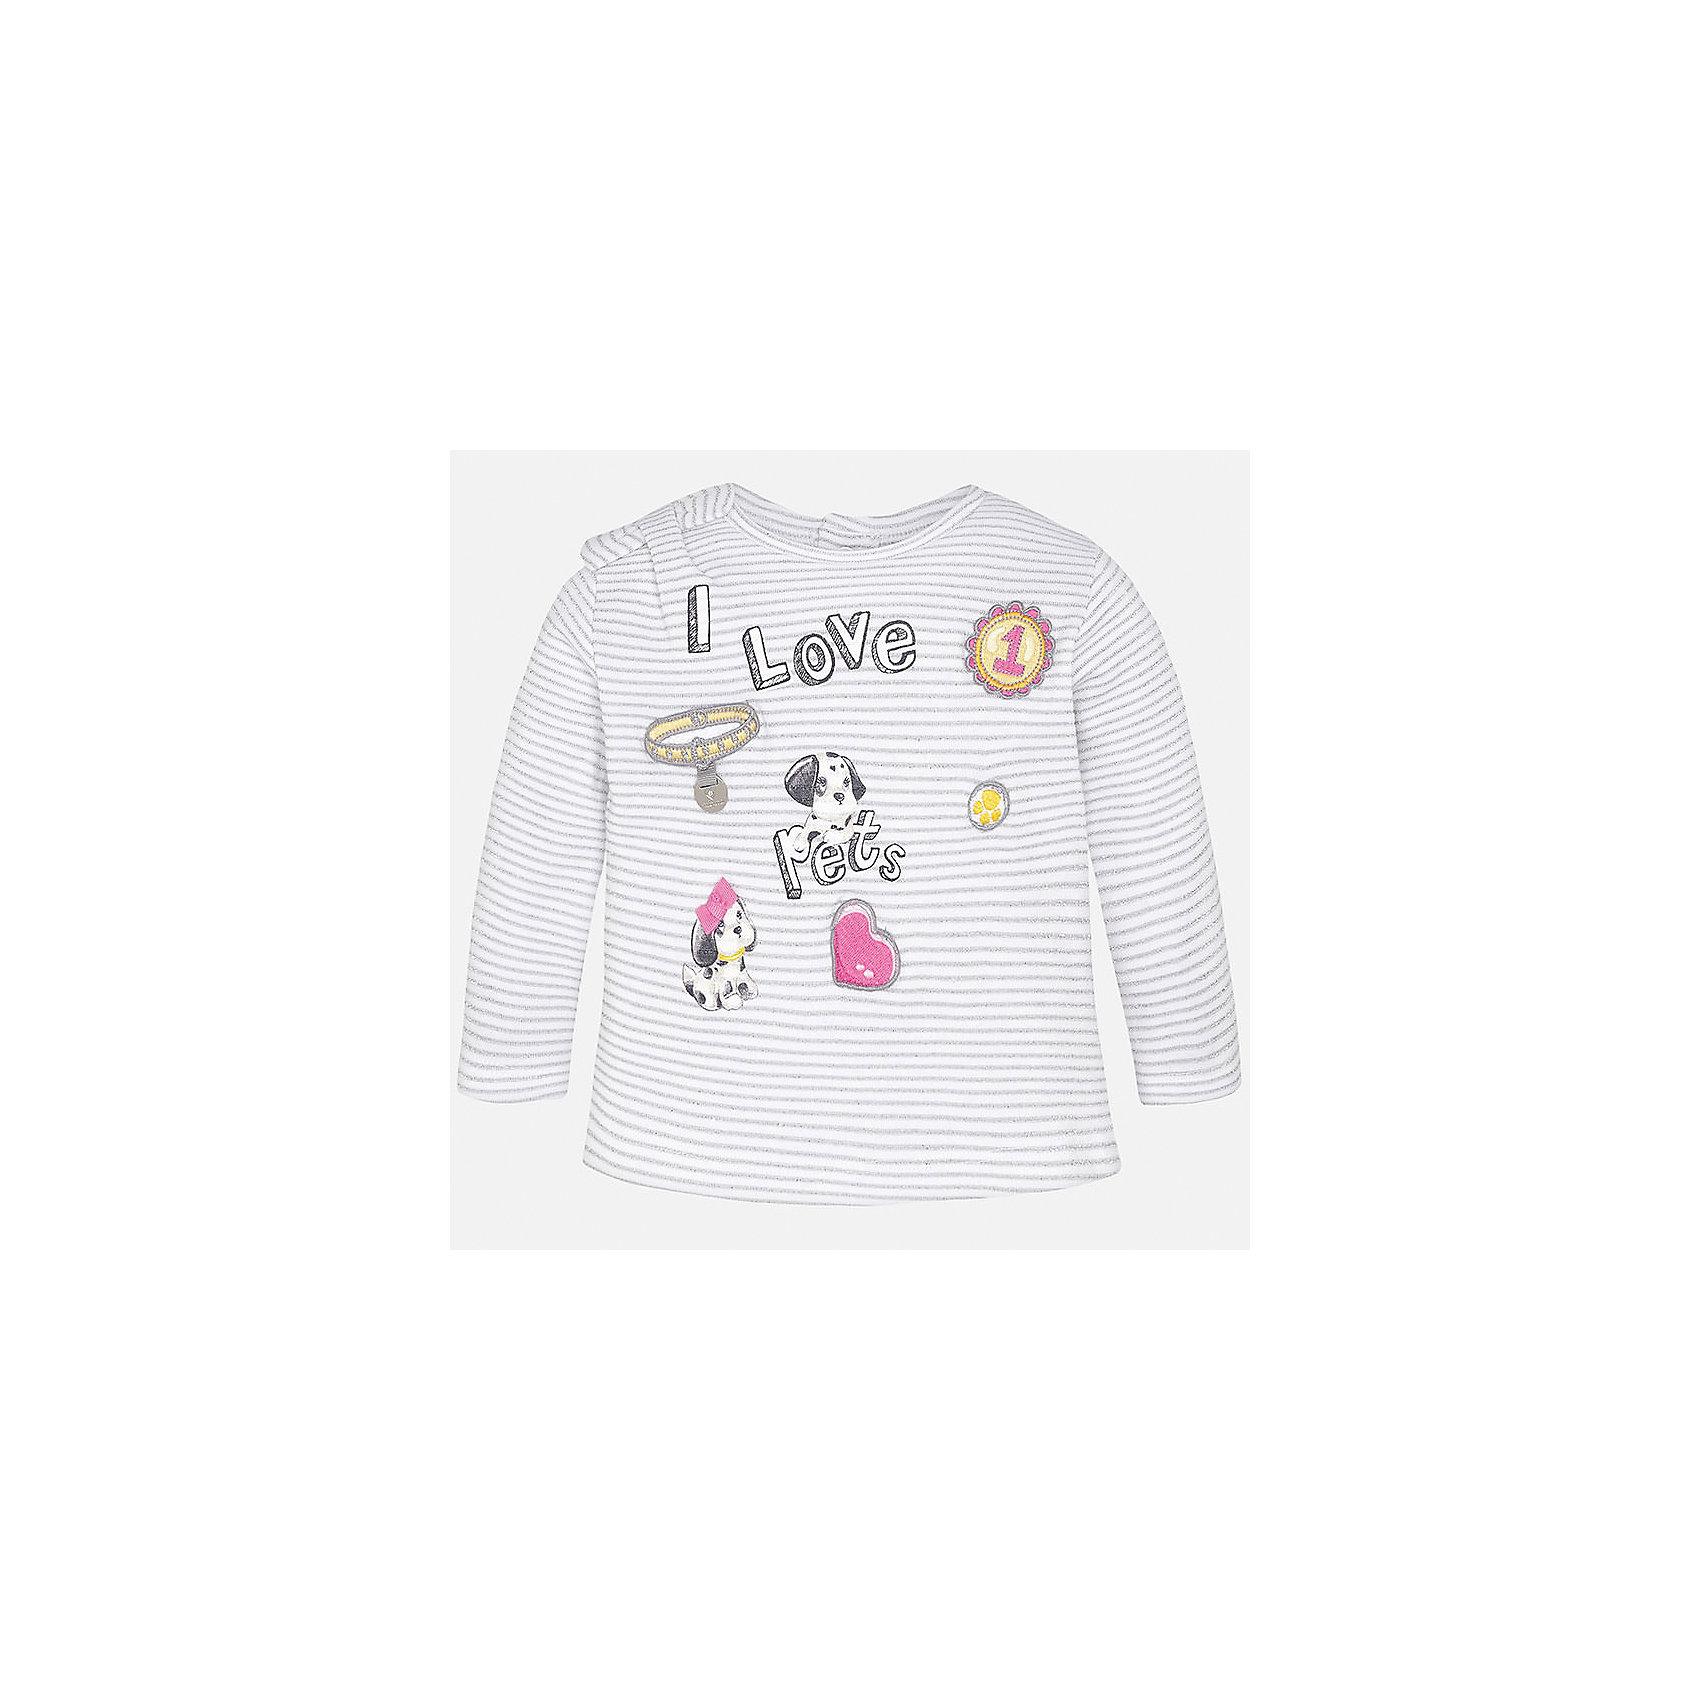 Футболка с длинным рукавом для девочки MayoralХарактеристики товара:<br><br>• цвет: серый<br>• состав: 84% хлопок, 16% металлизированная нить<br>• сзади кнопки<br>• бант на плече<br>• округлый горловой вырез<br>• длинные рукава<br>• принт<br>• страна бренда: Испания<br><br>Стильная качественная футболка с длинным рукавом для девочки поможет разнообразить гардероб ребенка и украсить наряд. Она отлично сочетается и с юбками, и с шортами, и с брюками. Универсальный цвет позволяет подобрать к вещи низ практически любой расцветки. Интересная отделка модели делает её нарядной и оригинальной. В составе ткани преобладает натуральный хлопок, гипоаллергенный, приятный на ощупь, дышащий.<br><br>Одежда, обувь и аксессуары от испанского бренда Mayoral полюбились детям и взрослым по всему миру. Модели этой марки - стильные и удобные. Для их производства используются только безопасные, качественные материалы и фурнитура. Порадуйте ребенка модными и красивыми вещами от Mayoral! <br><br>Футболку с длинным рукавом для девочки от испанского бренда Mayoral (Майорал) можно купить в нашем интернет-магазине.<br><br>Ширина мм: 230<br>Глубина мм: 40<br>Высота мм: 220<br>Вес г: 250<br>Цвет: серый<br>Возраст от месяцев: 18<br>Возраст до месяцев: 24<br>Пол: Женский<br>Возраст: Детский<br>Размер: 92,74,80,86<br>SKU: 5288856